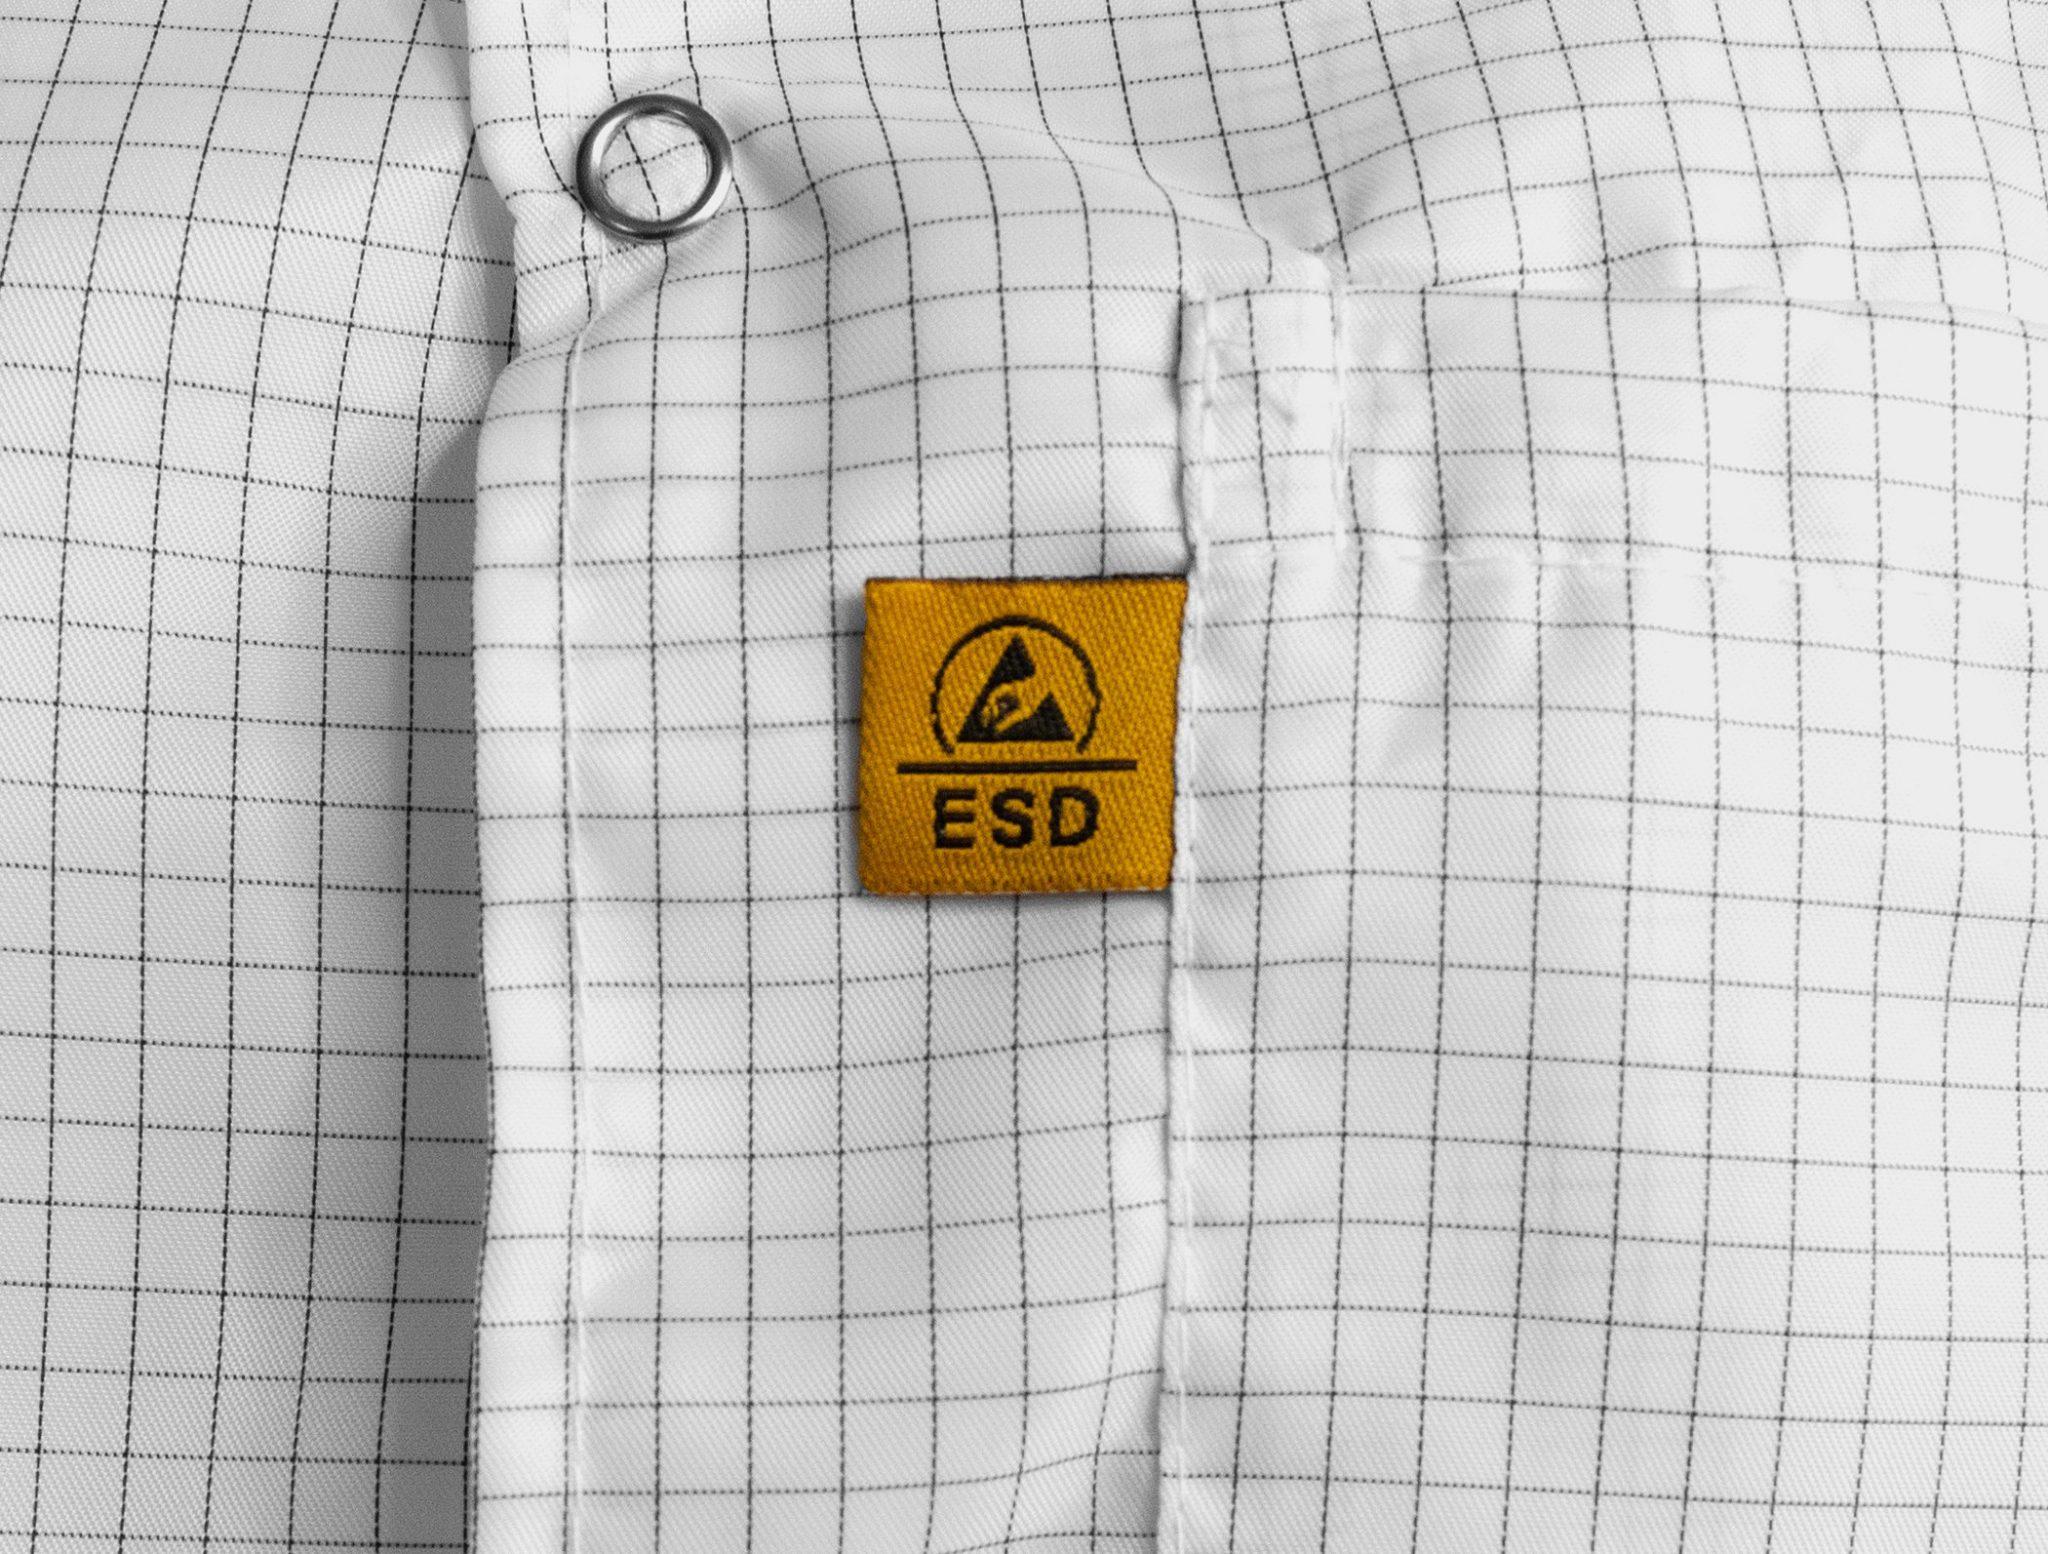 Etiqueta ESD / ESD Label.